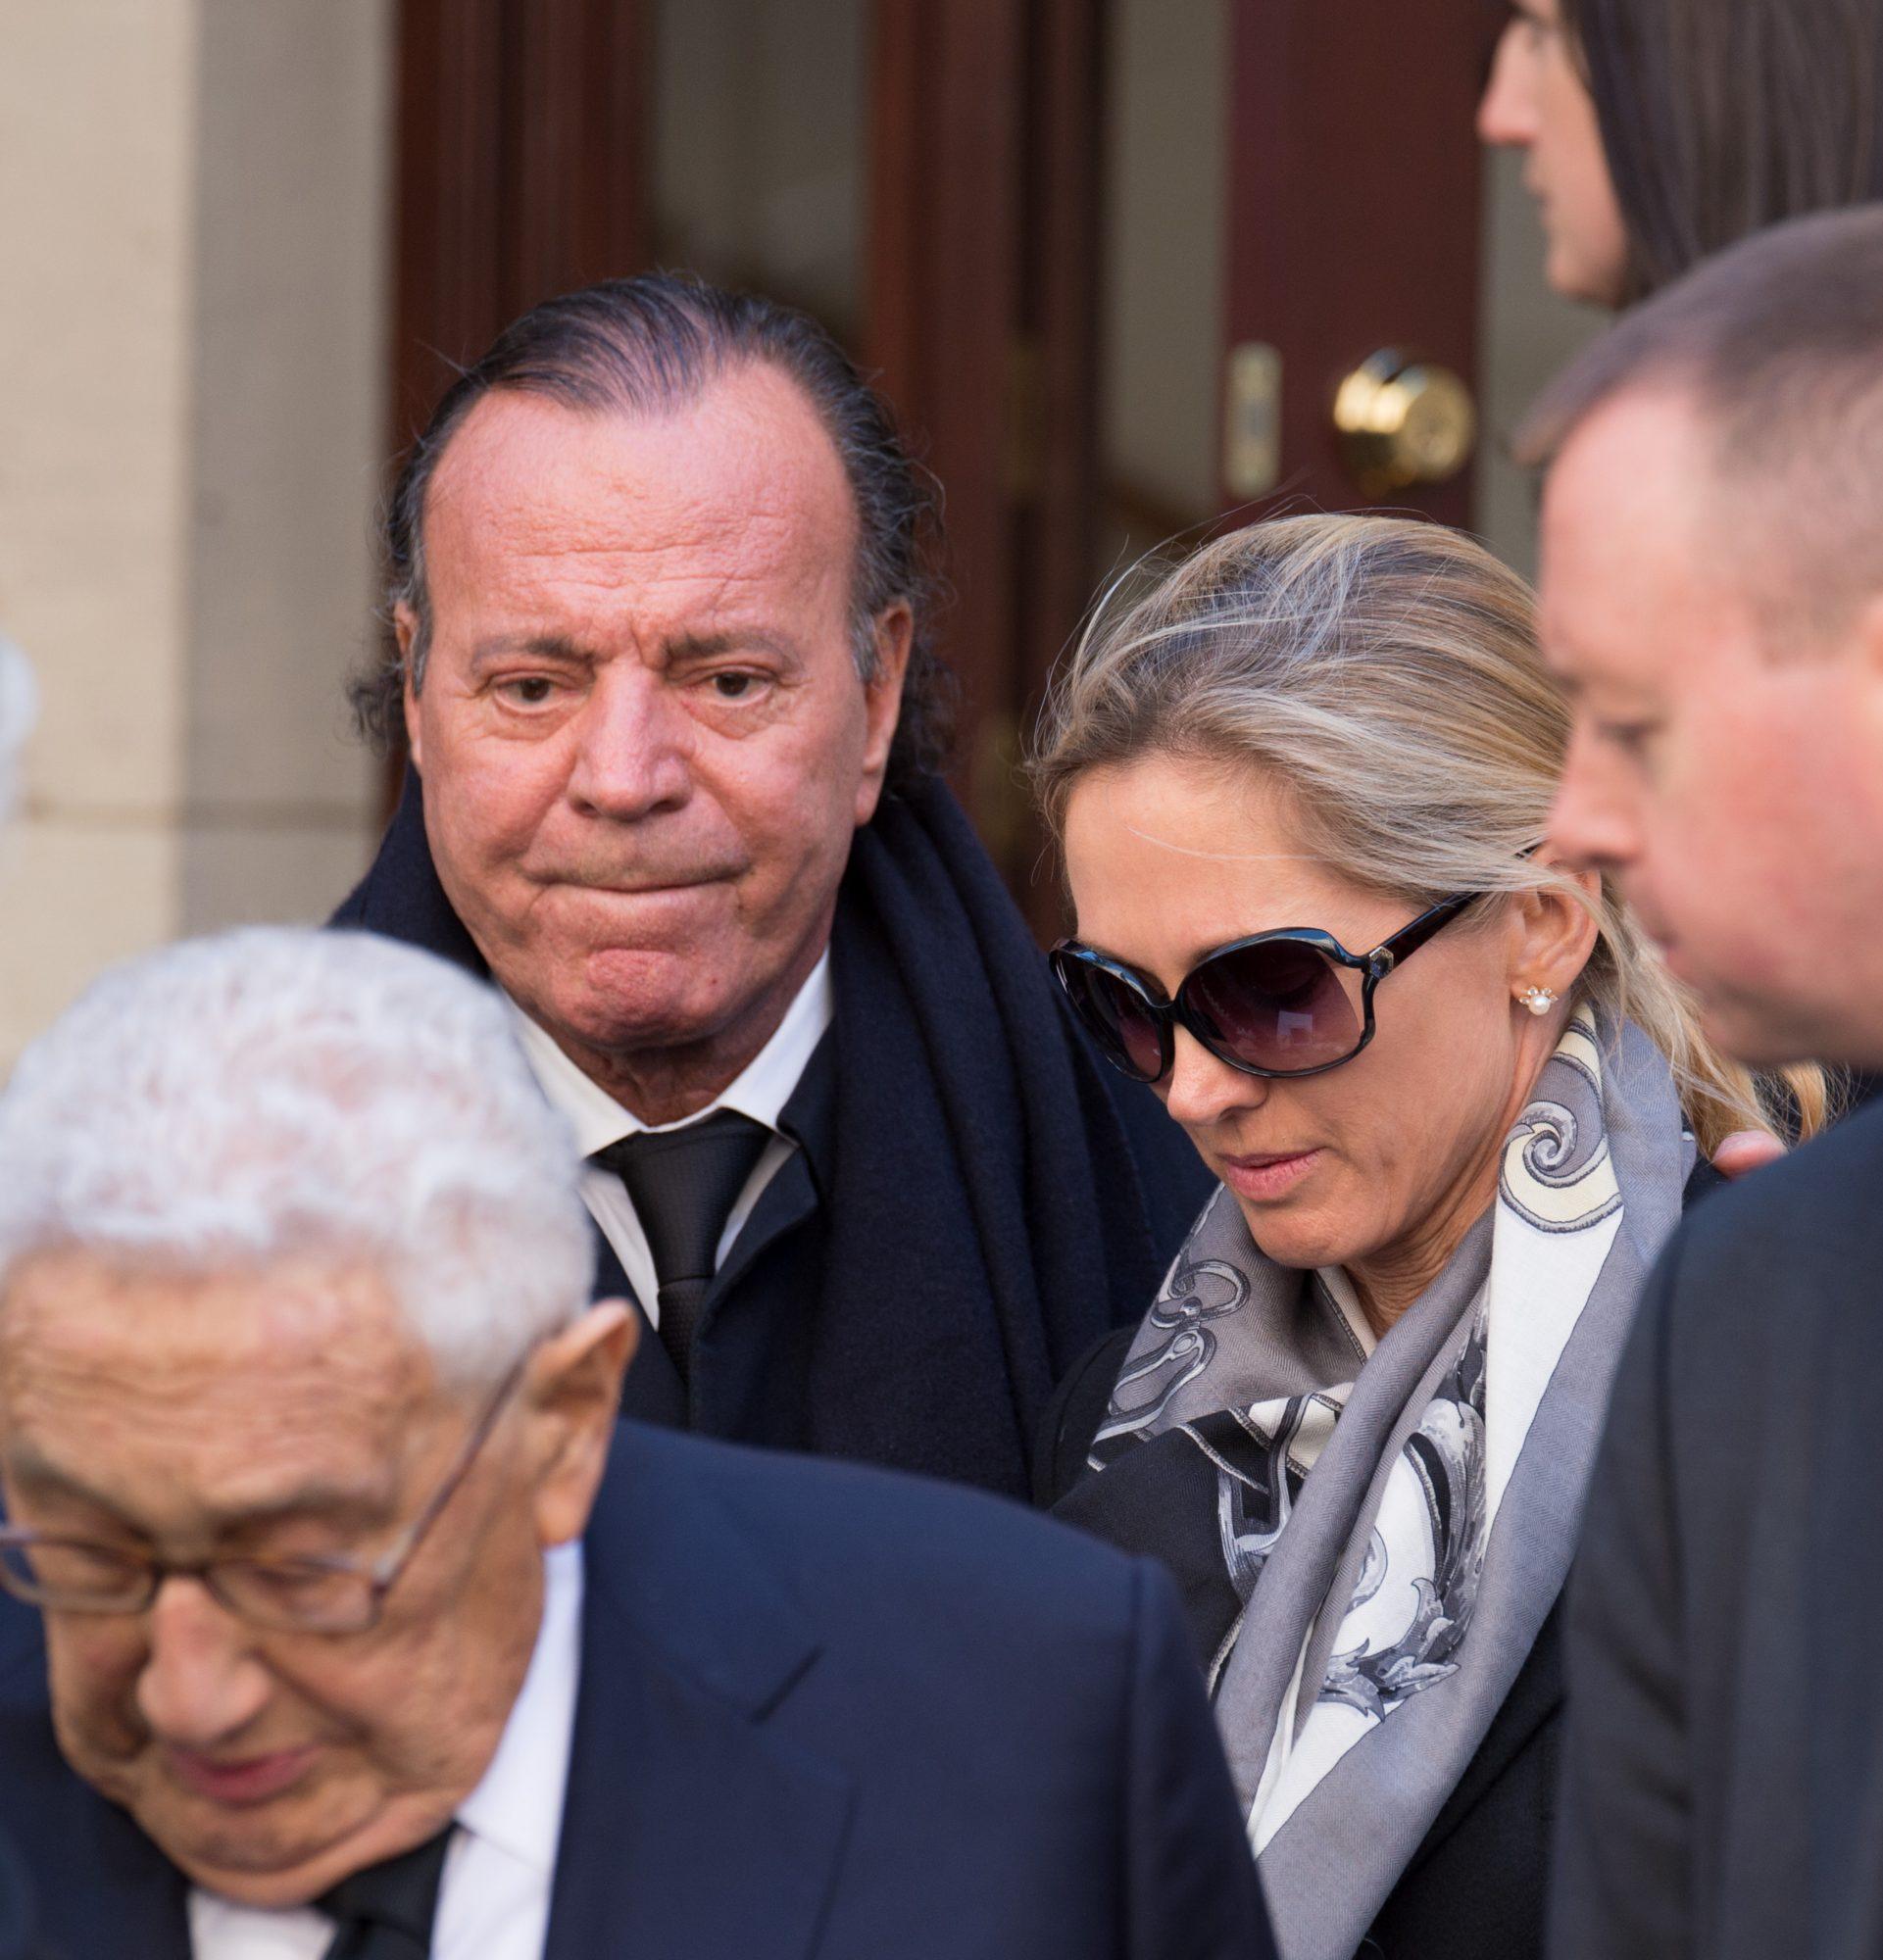 Julio Iglesias sufre terrible pérdida familiar. Envía extraordinario mensaje por redes